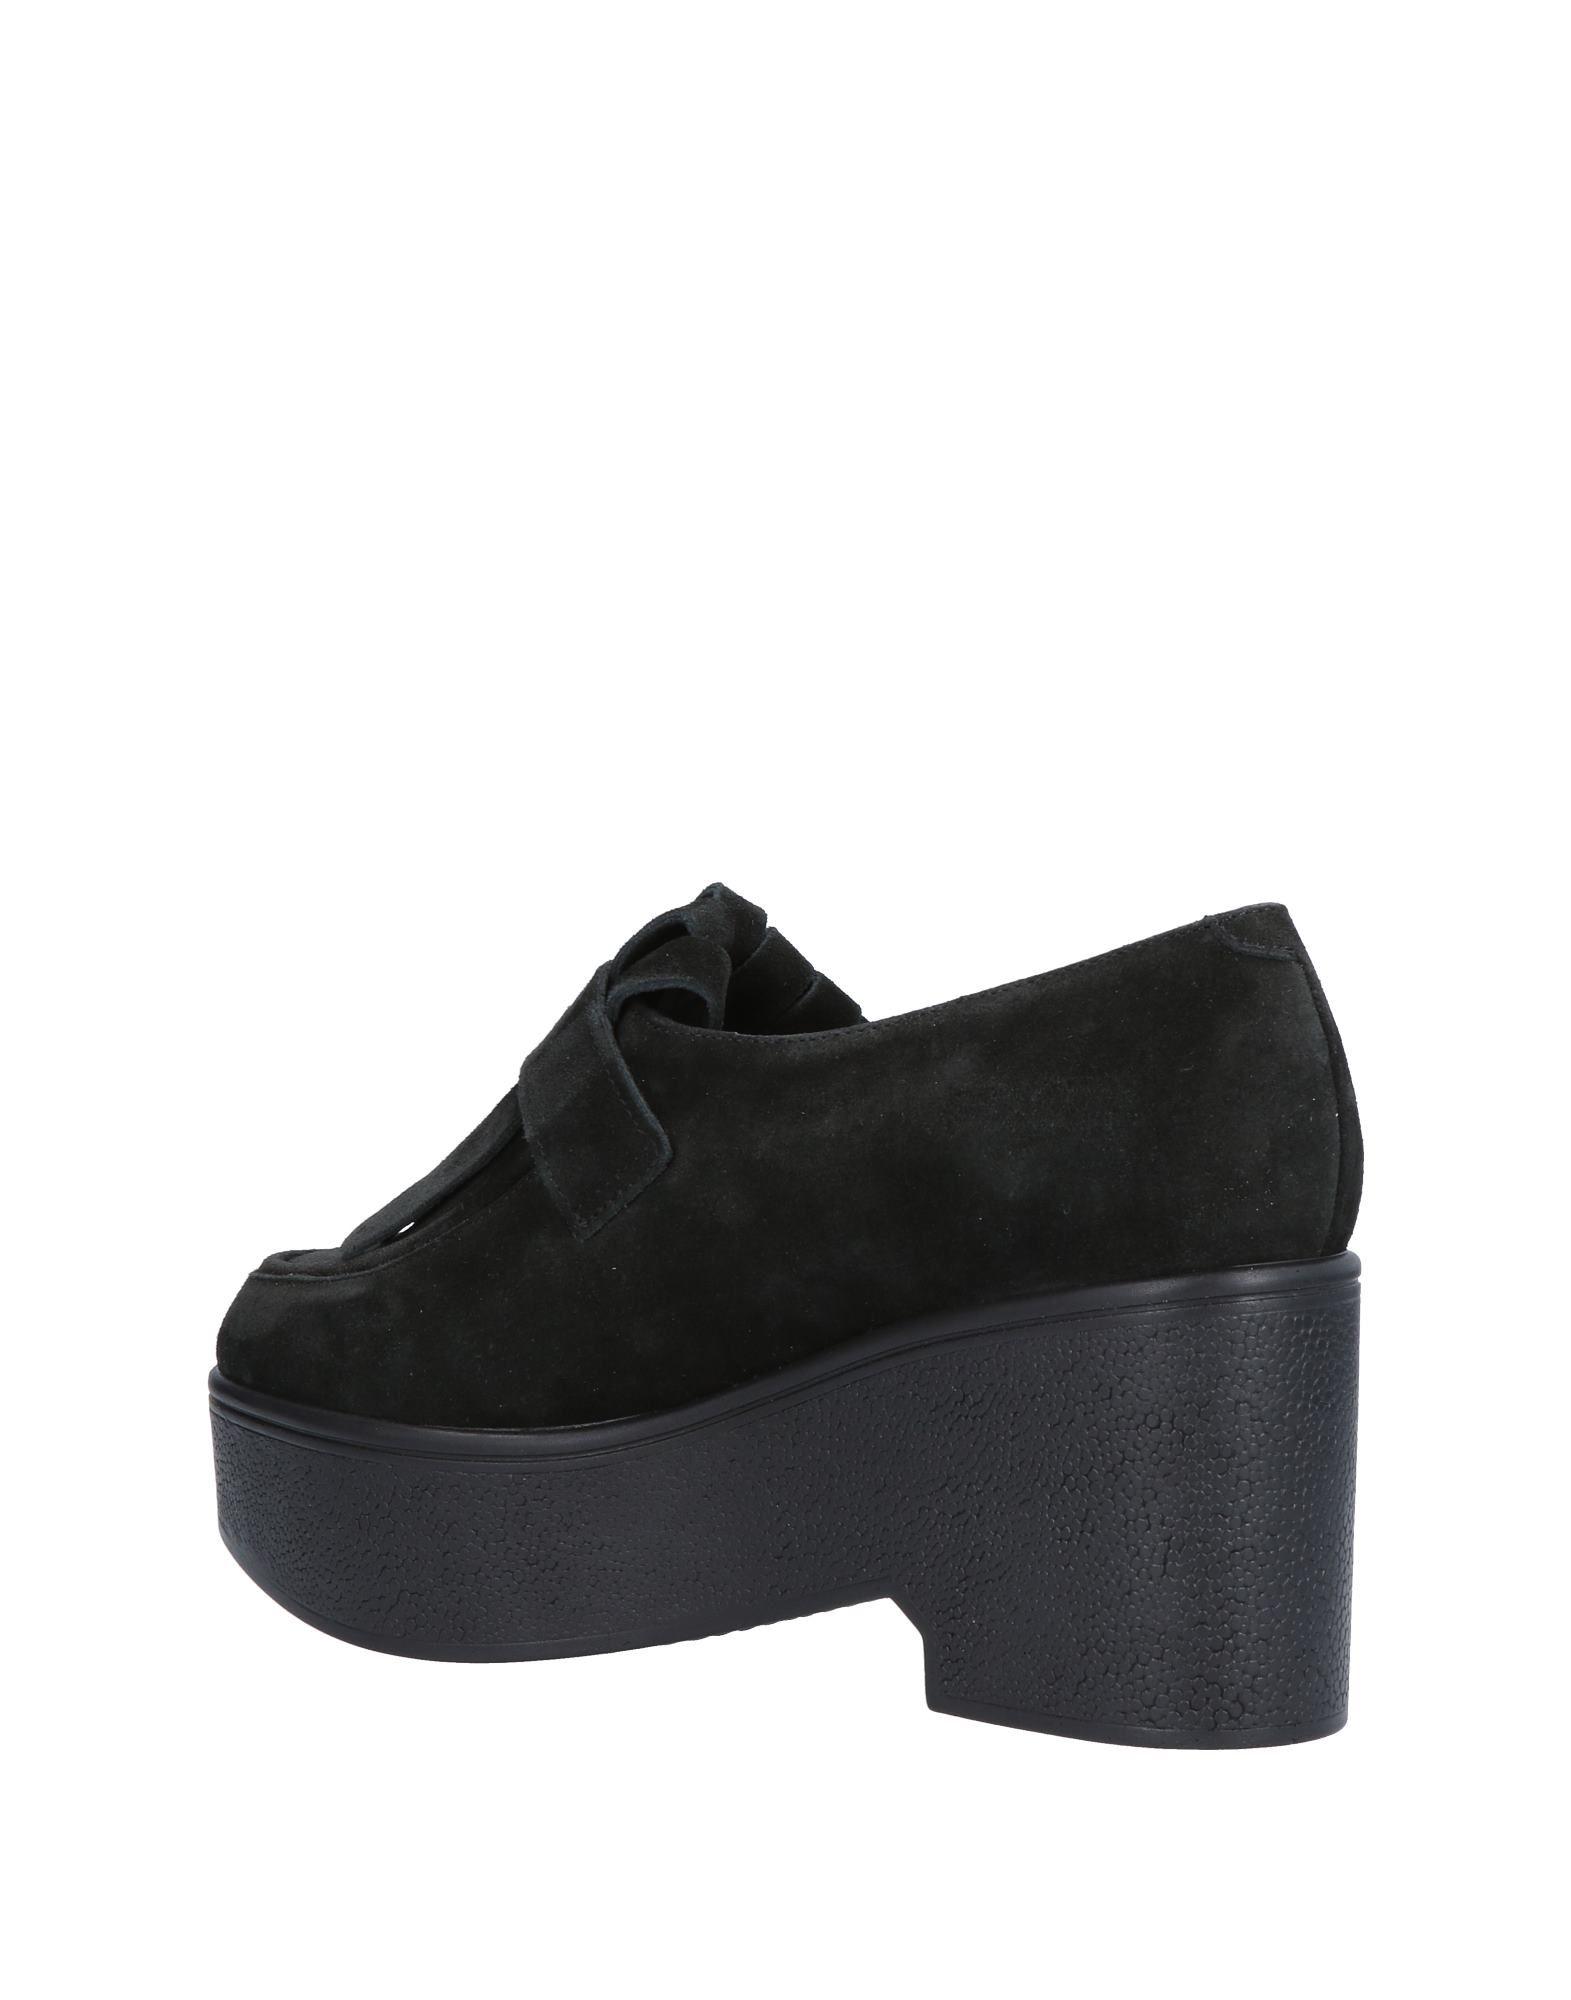 Robert Clergerie Mokassins Damen Beliebte  11486729UX Beliebte Damen Schuhe b9d1df